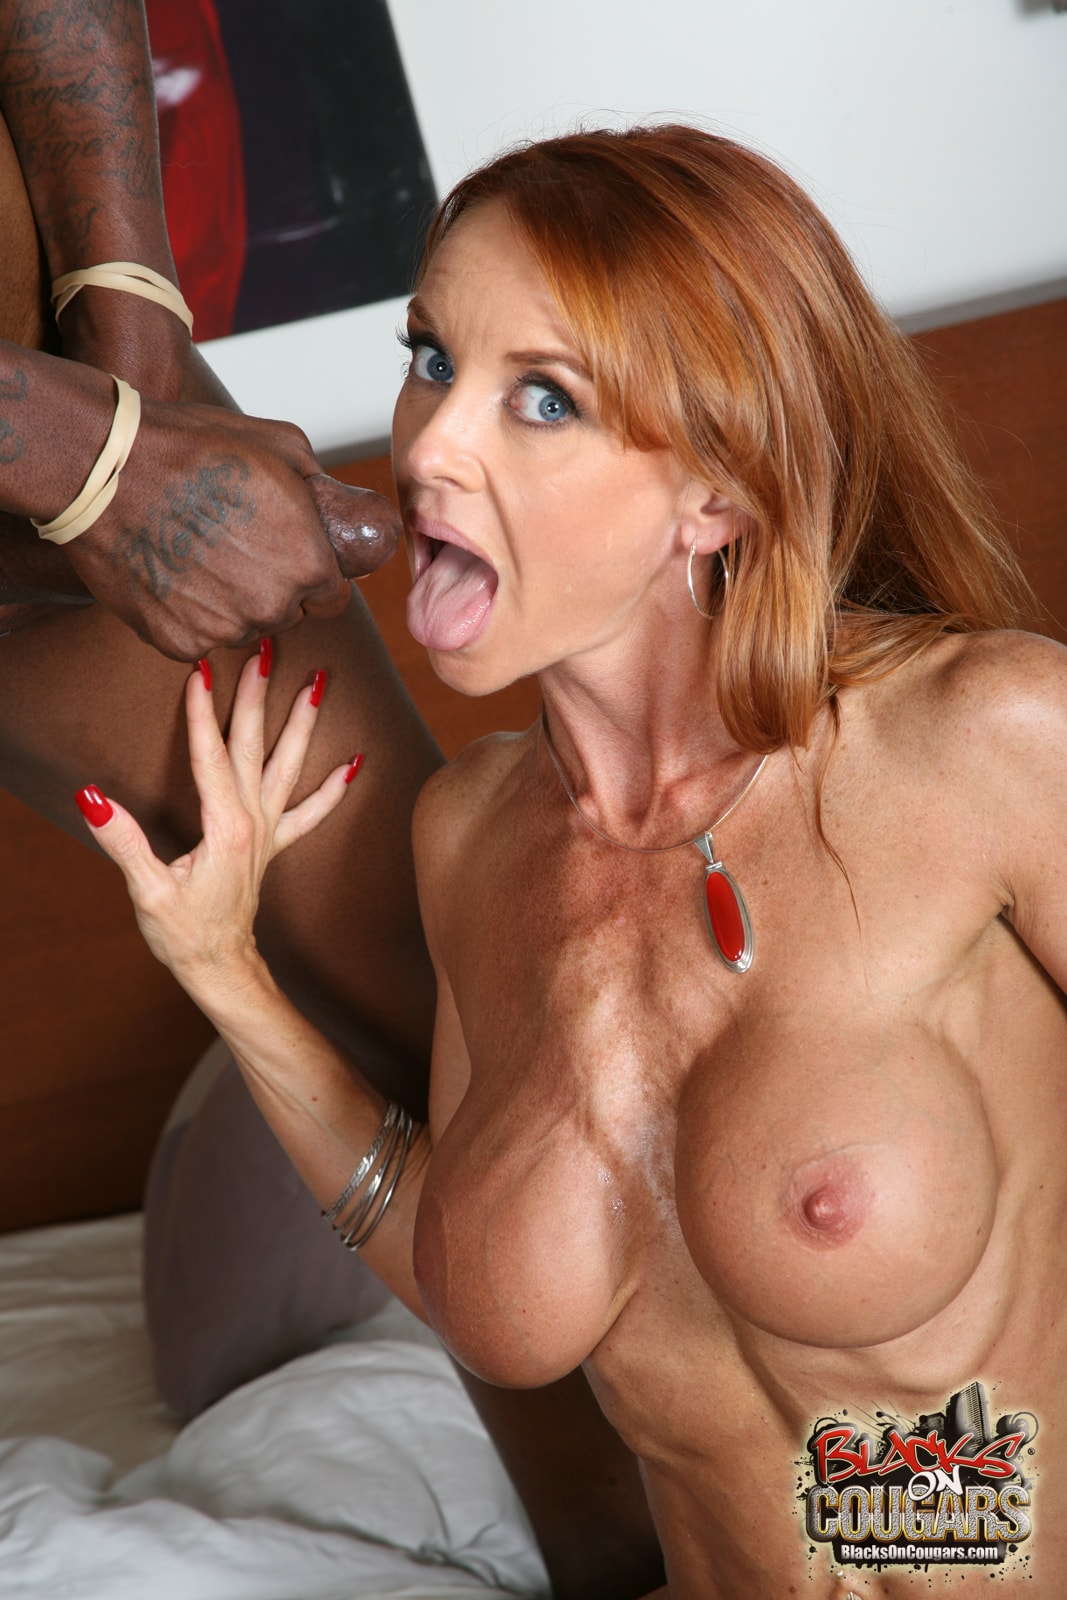 Janet mason blacked